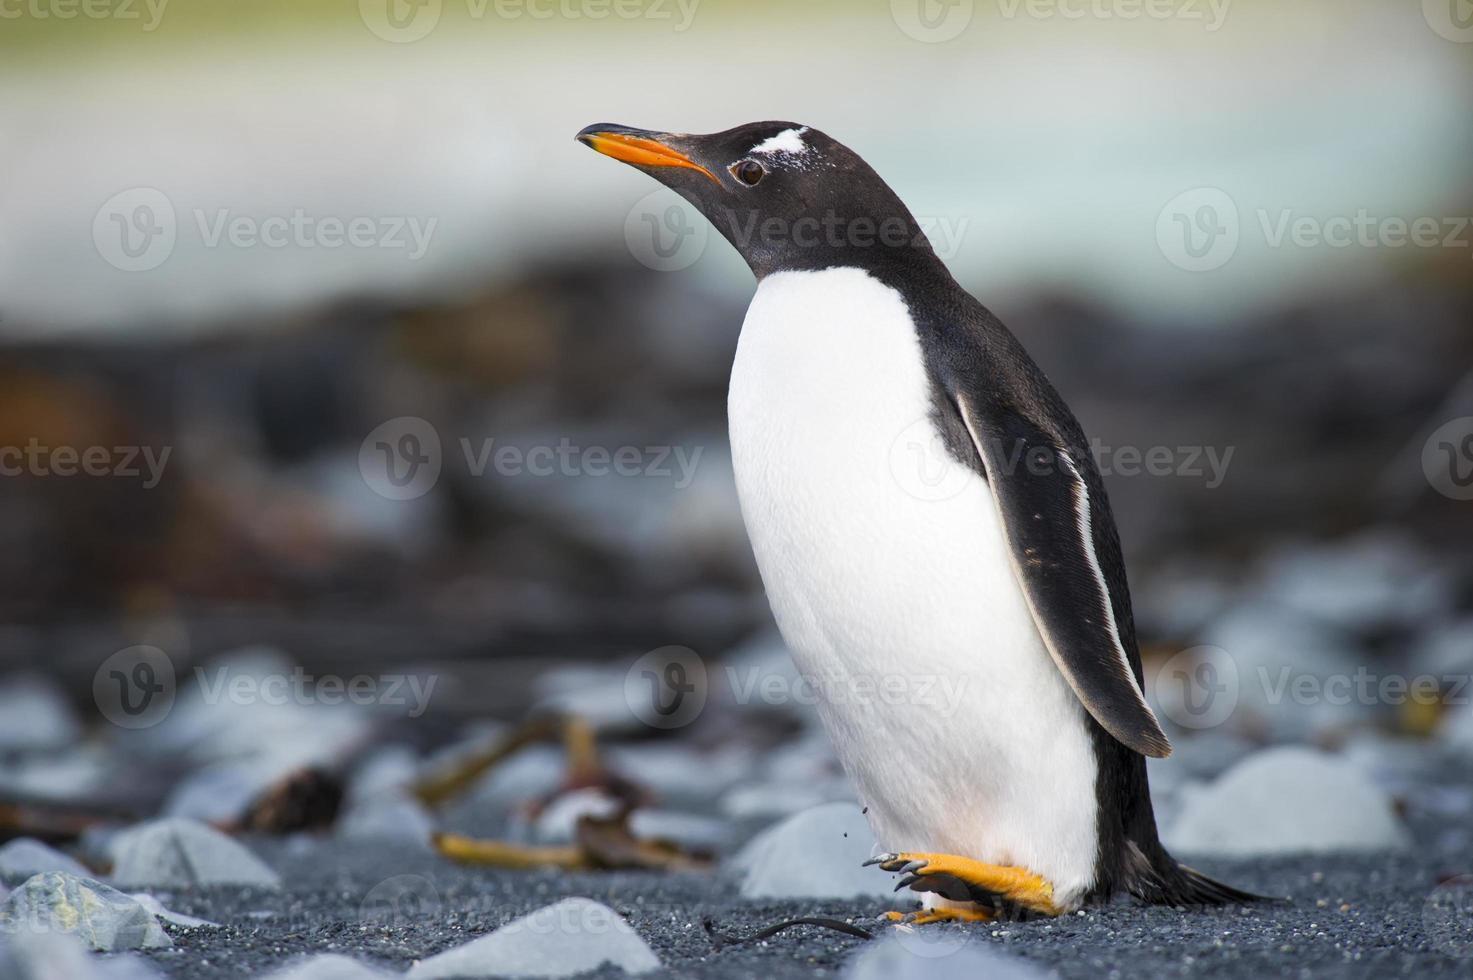 gentoo pinguin (pygoscelis papua) rodando em uma praia rochosa foto